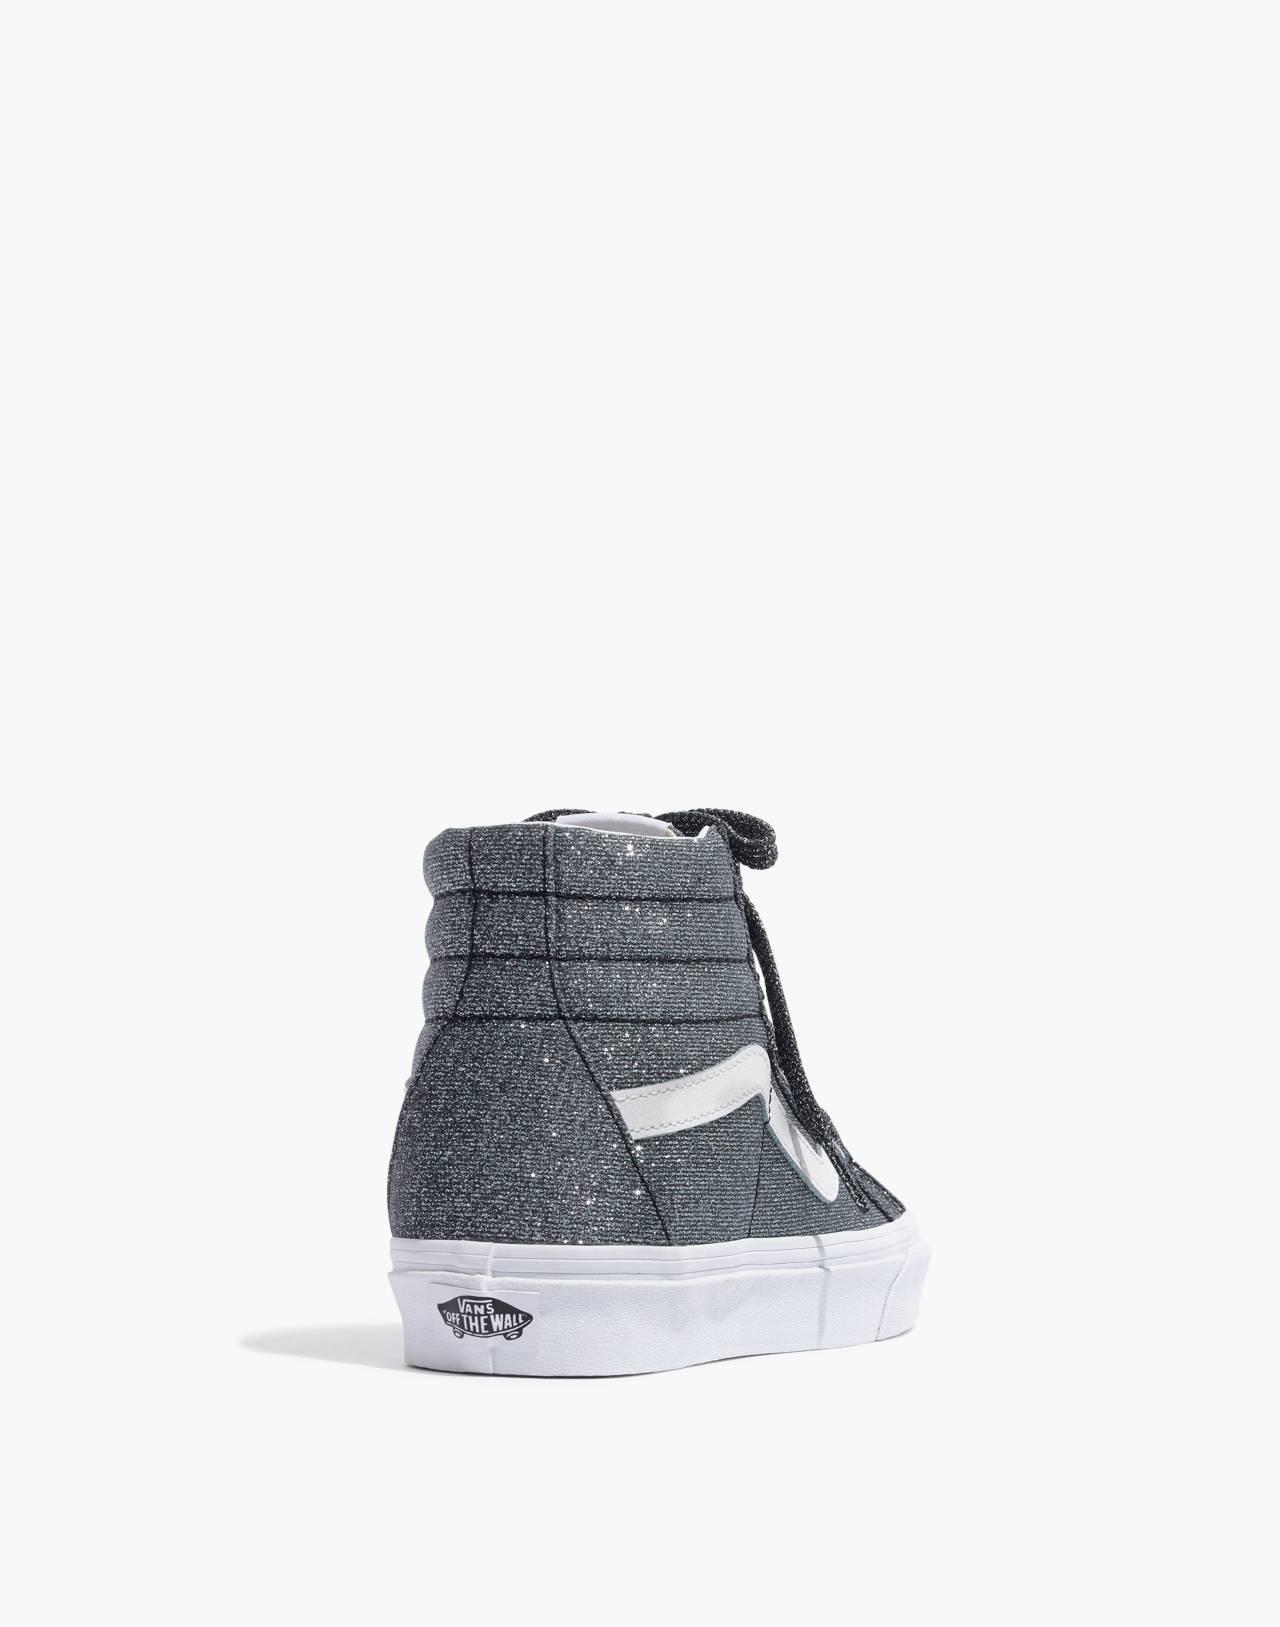 Vans® Unisex SK8-Hi Reissue High-Top Sneakers in Black Glitter in black image 4